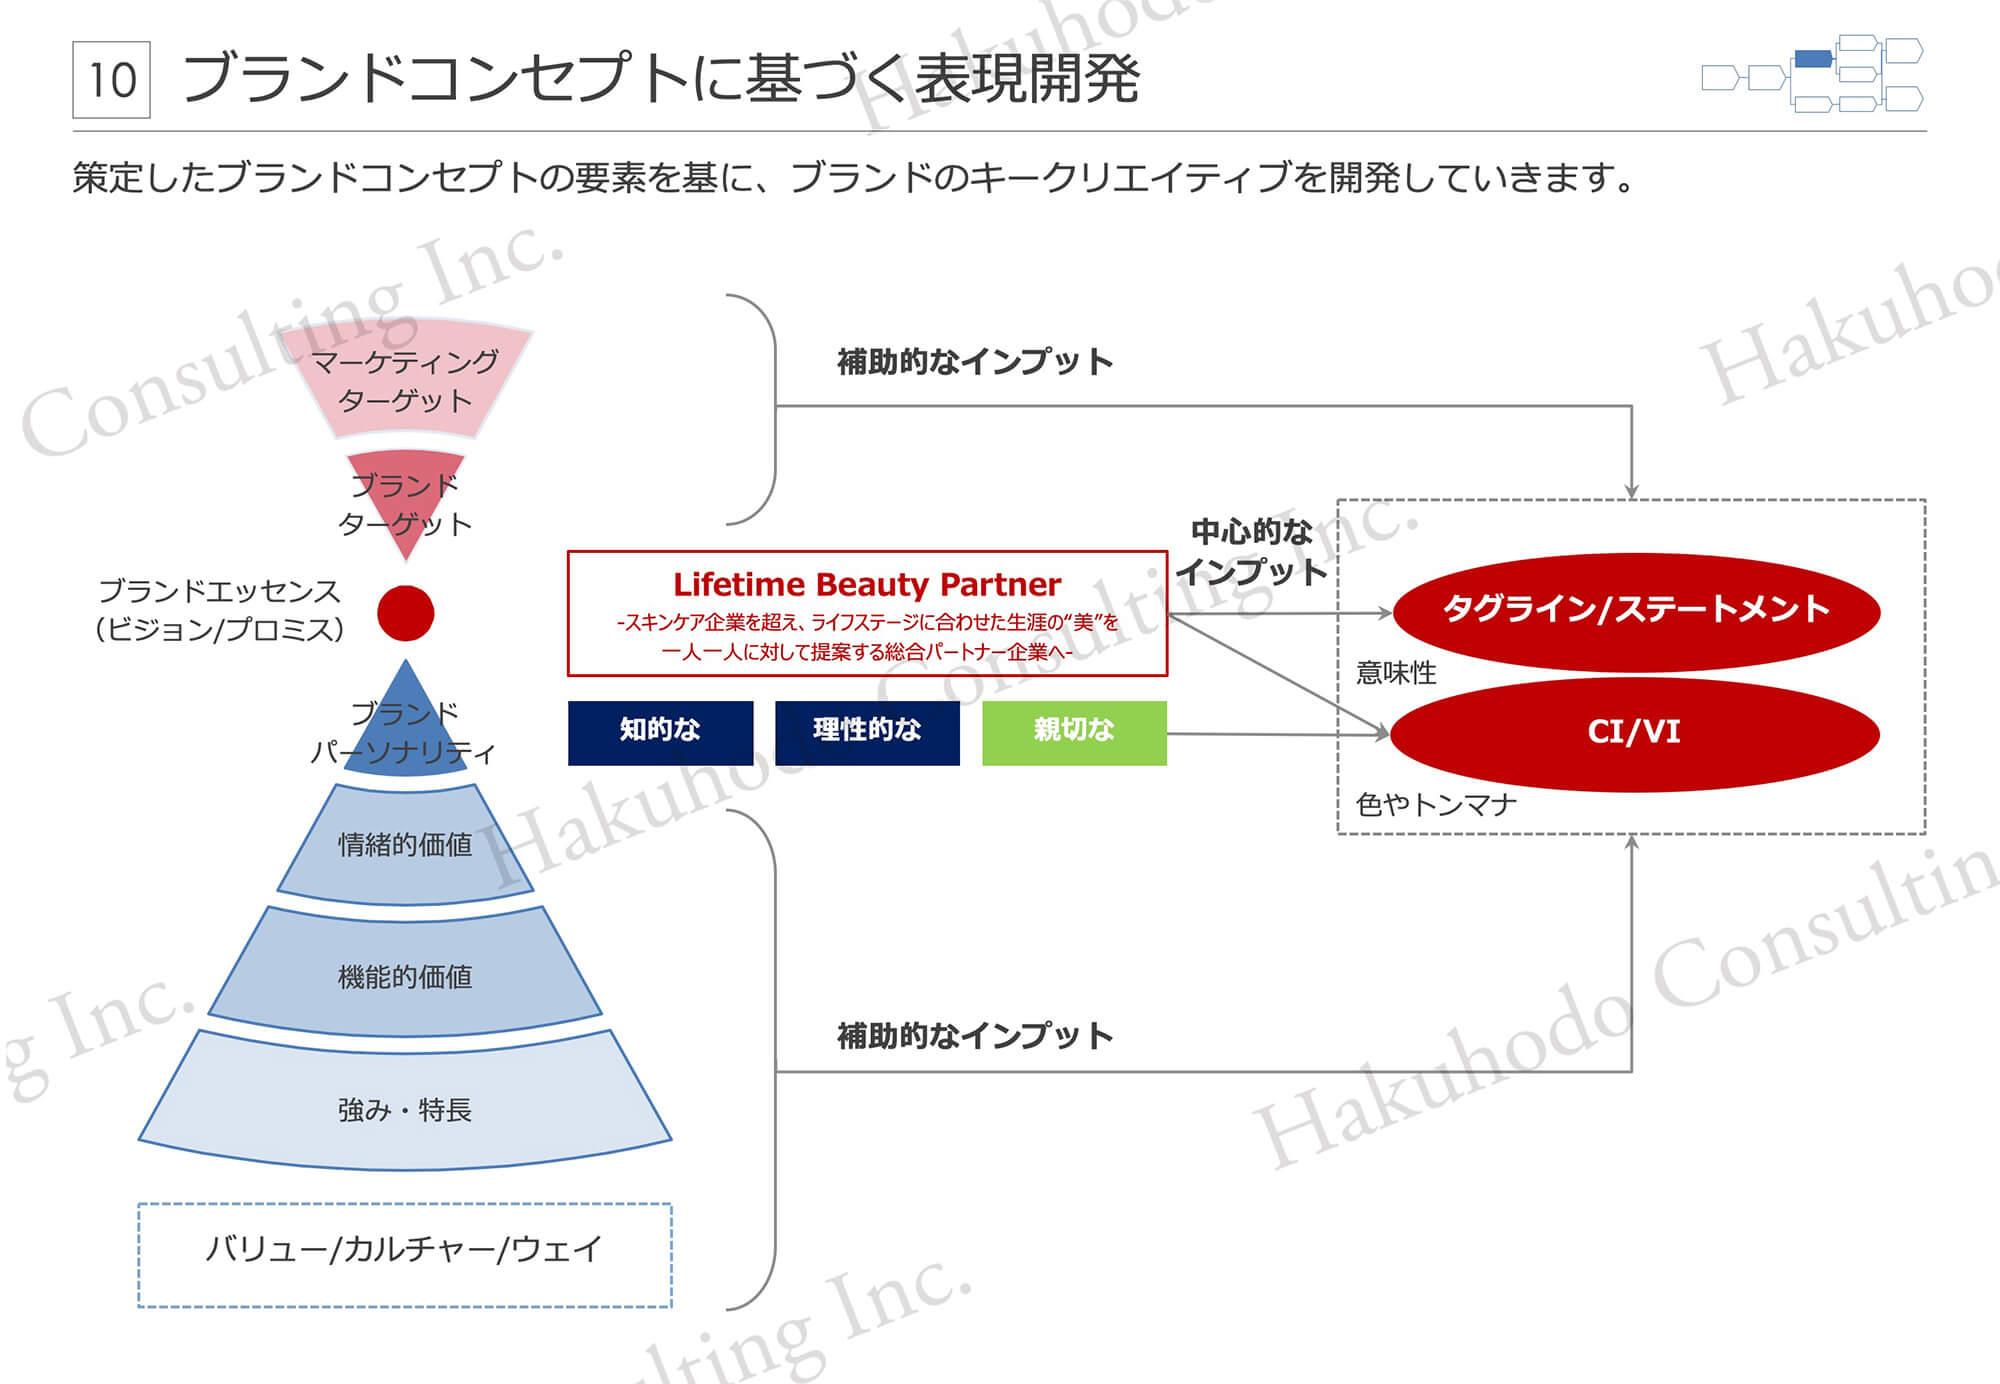 ブランドコンセプトに基づく表現開発 策定したブランドコンセプトの要素を基に、ブランドのキークリエイティブを開発していきます。